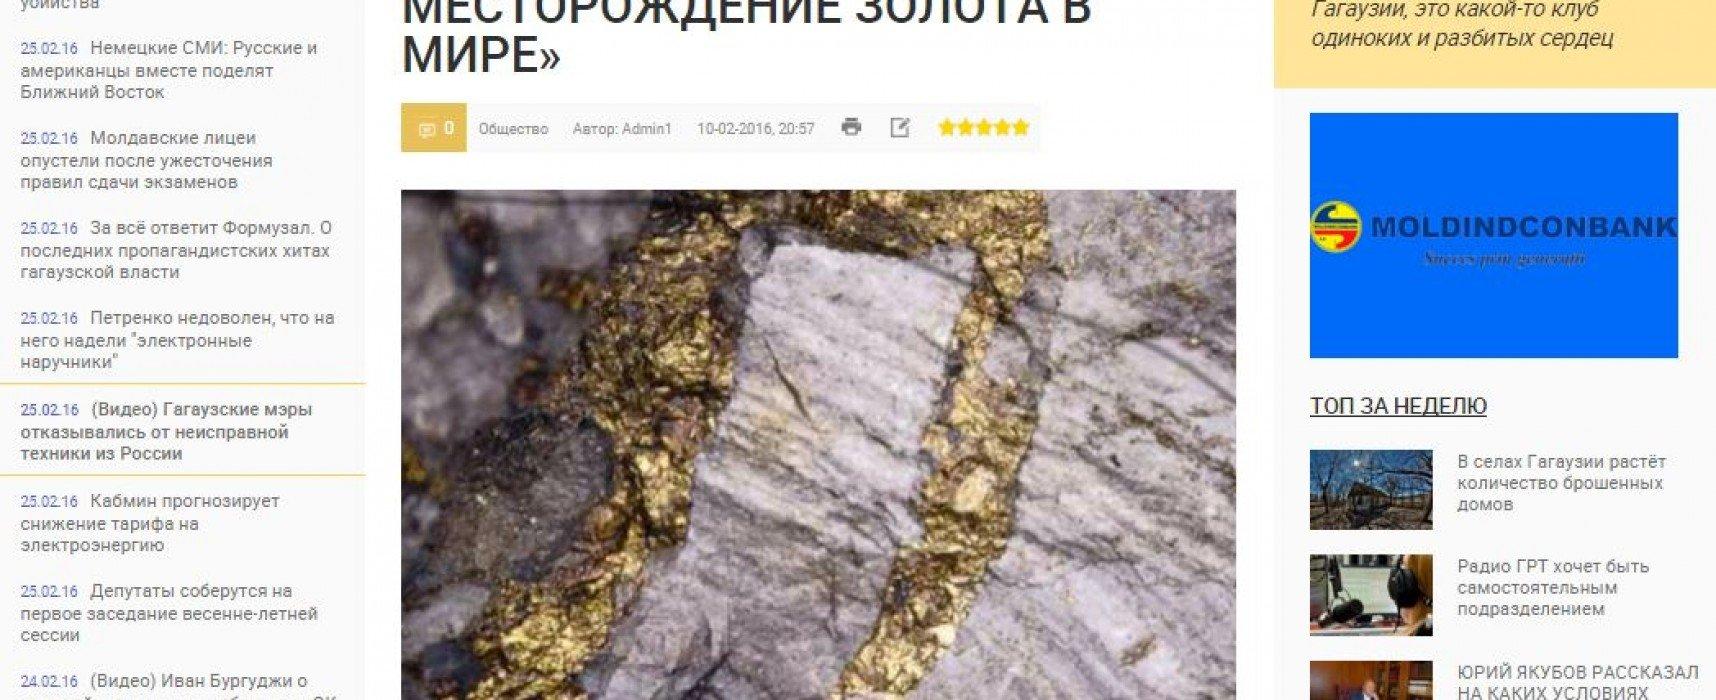 Фейк: Bloomberg сообщил о гигантском месторождении золота в Крыму